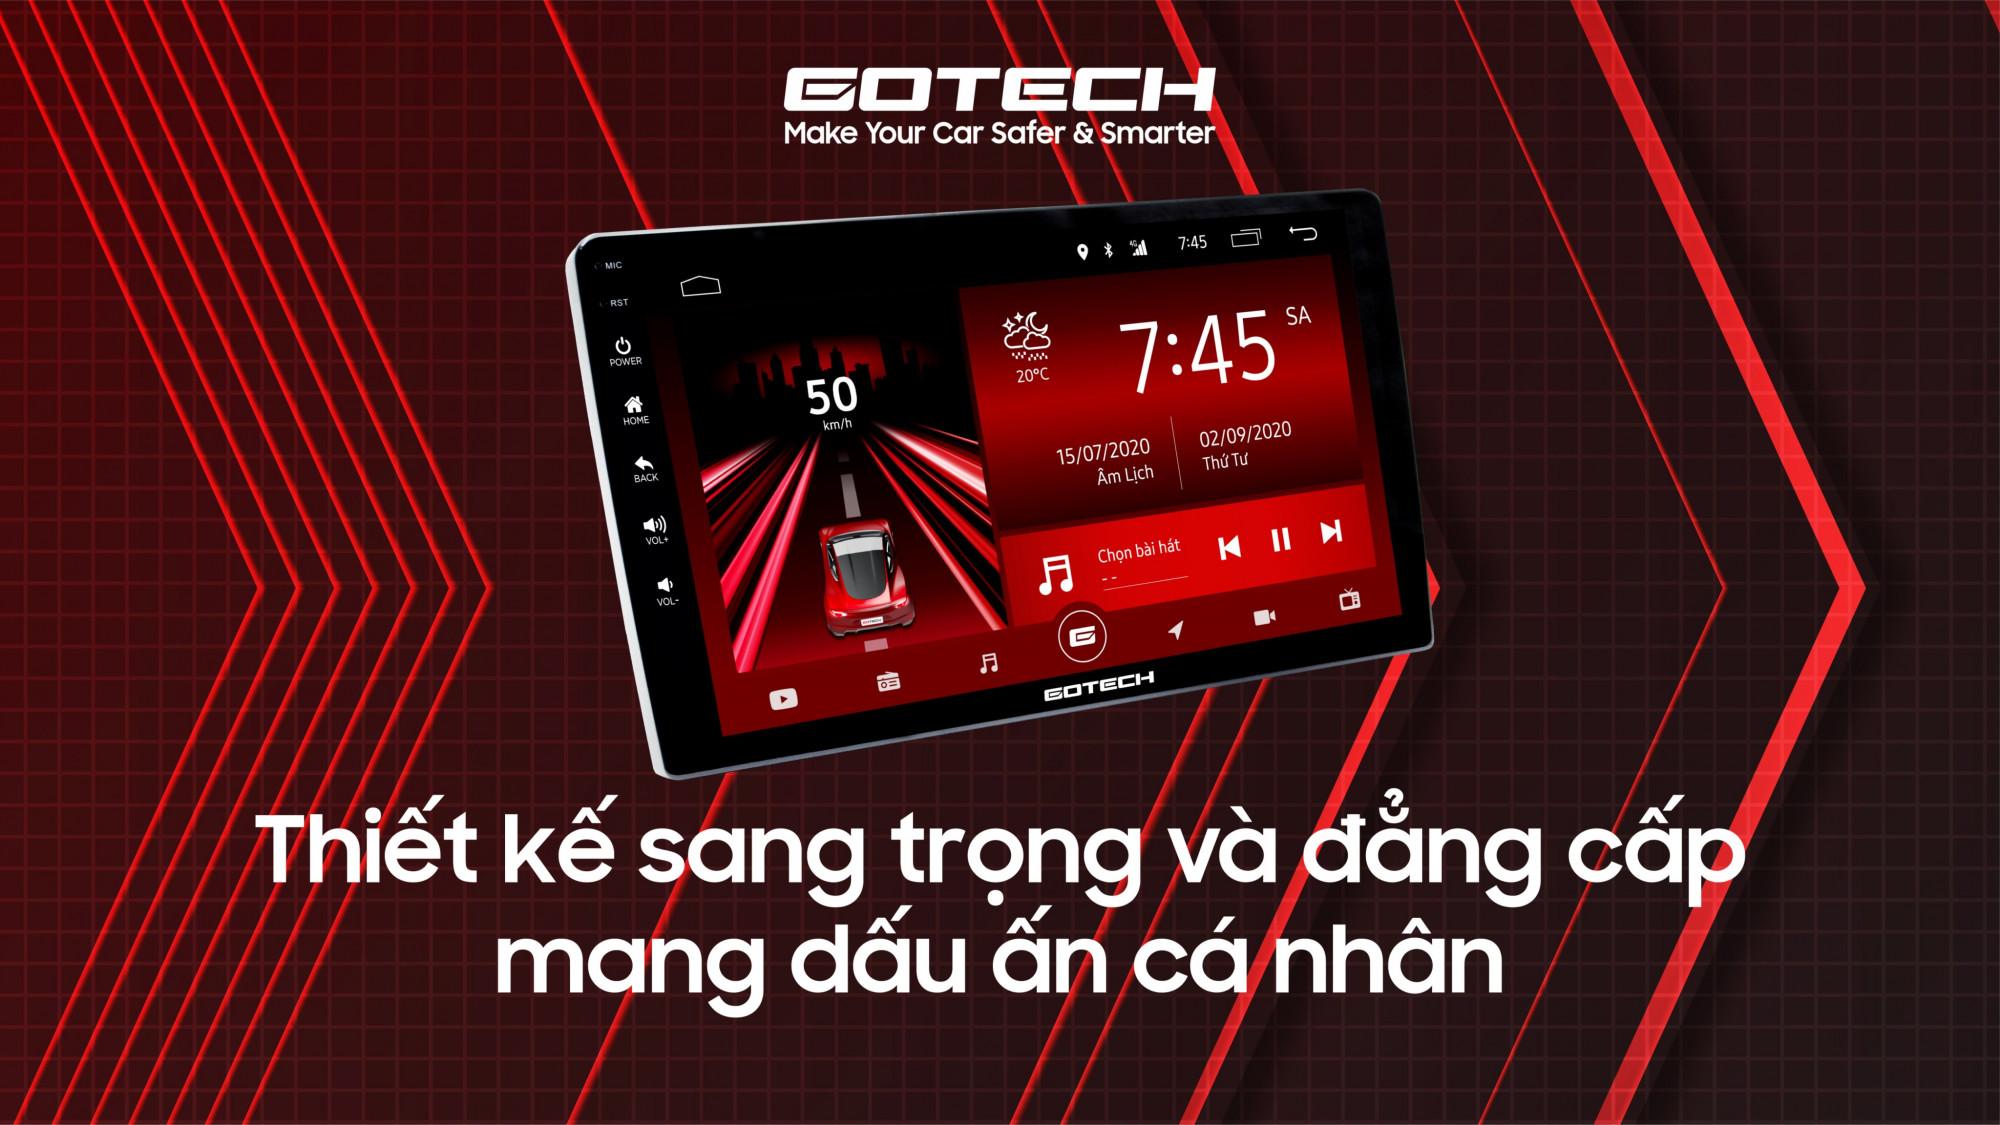 Giao diện màn hình GOTECH không chỉ đẹp, sang trọng mà còn xây dựng dựa trên hành vi người dùng